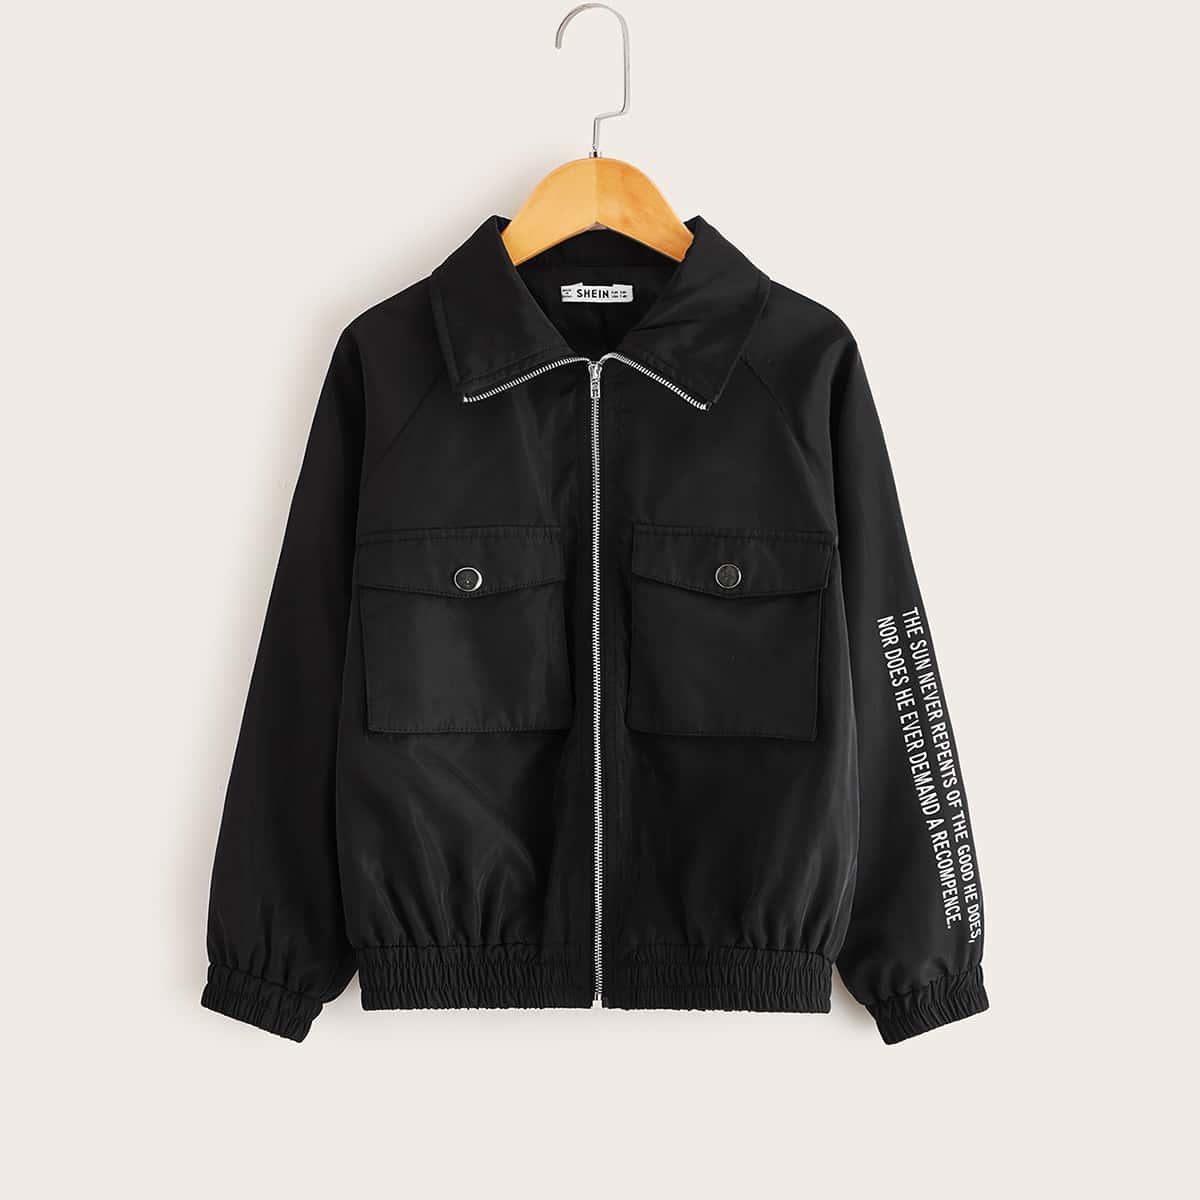 Куртка с текстовым принтом и карманом для девочек от SHEIN